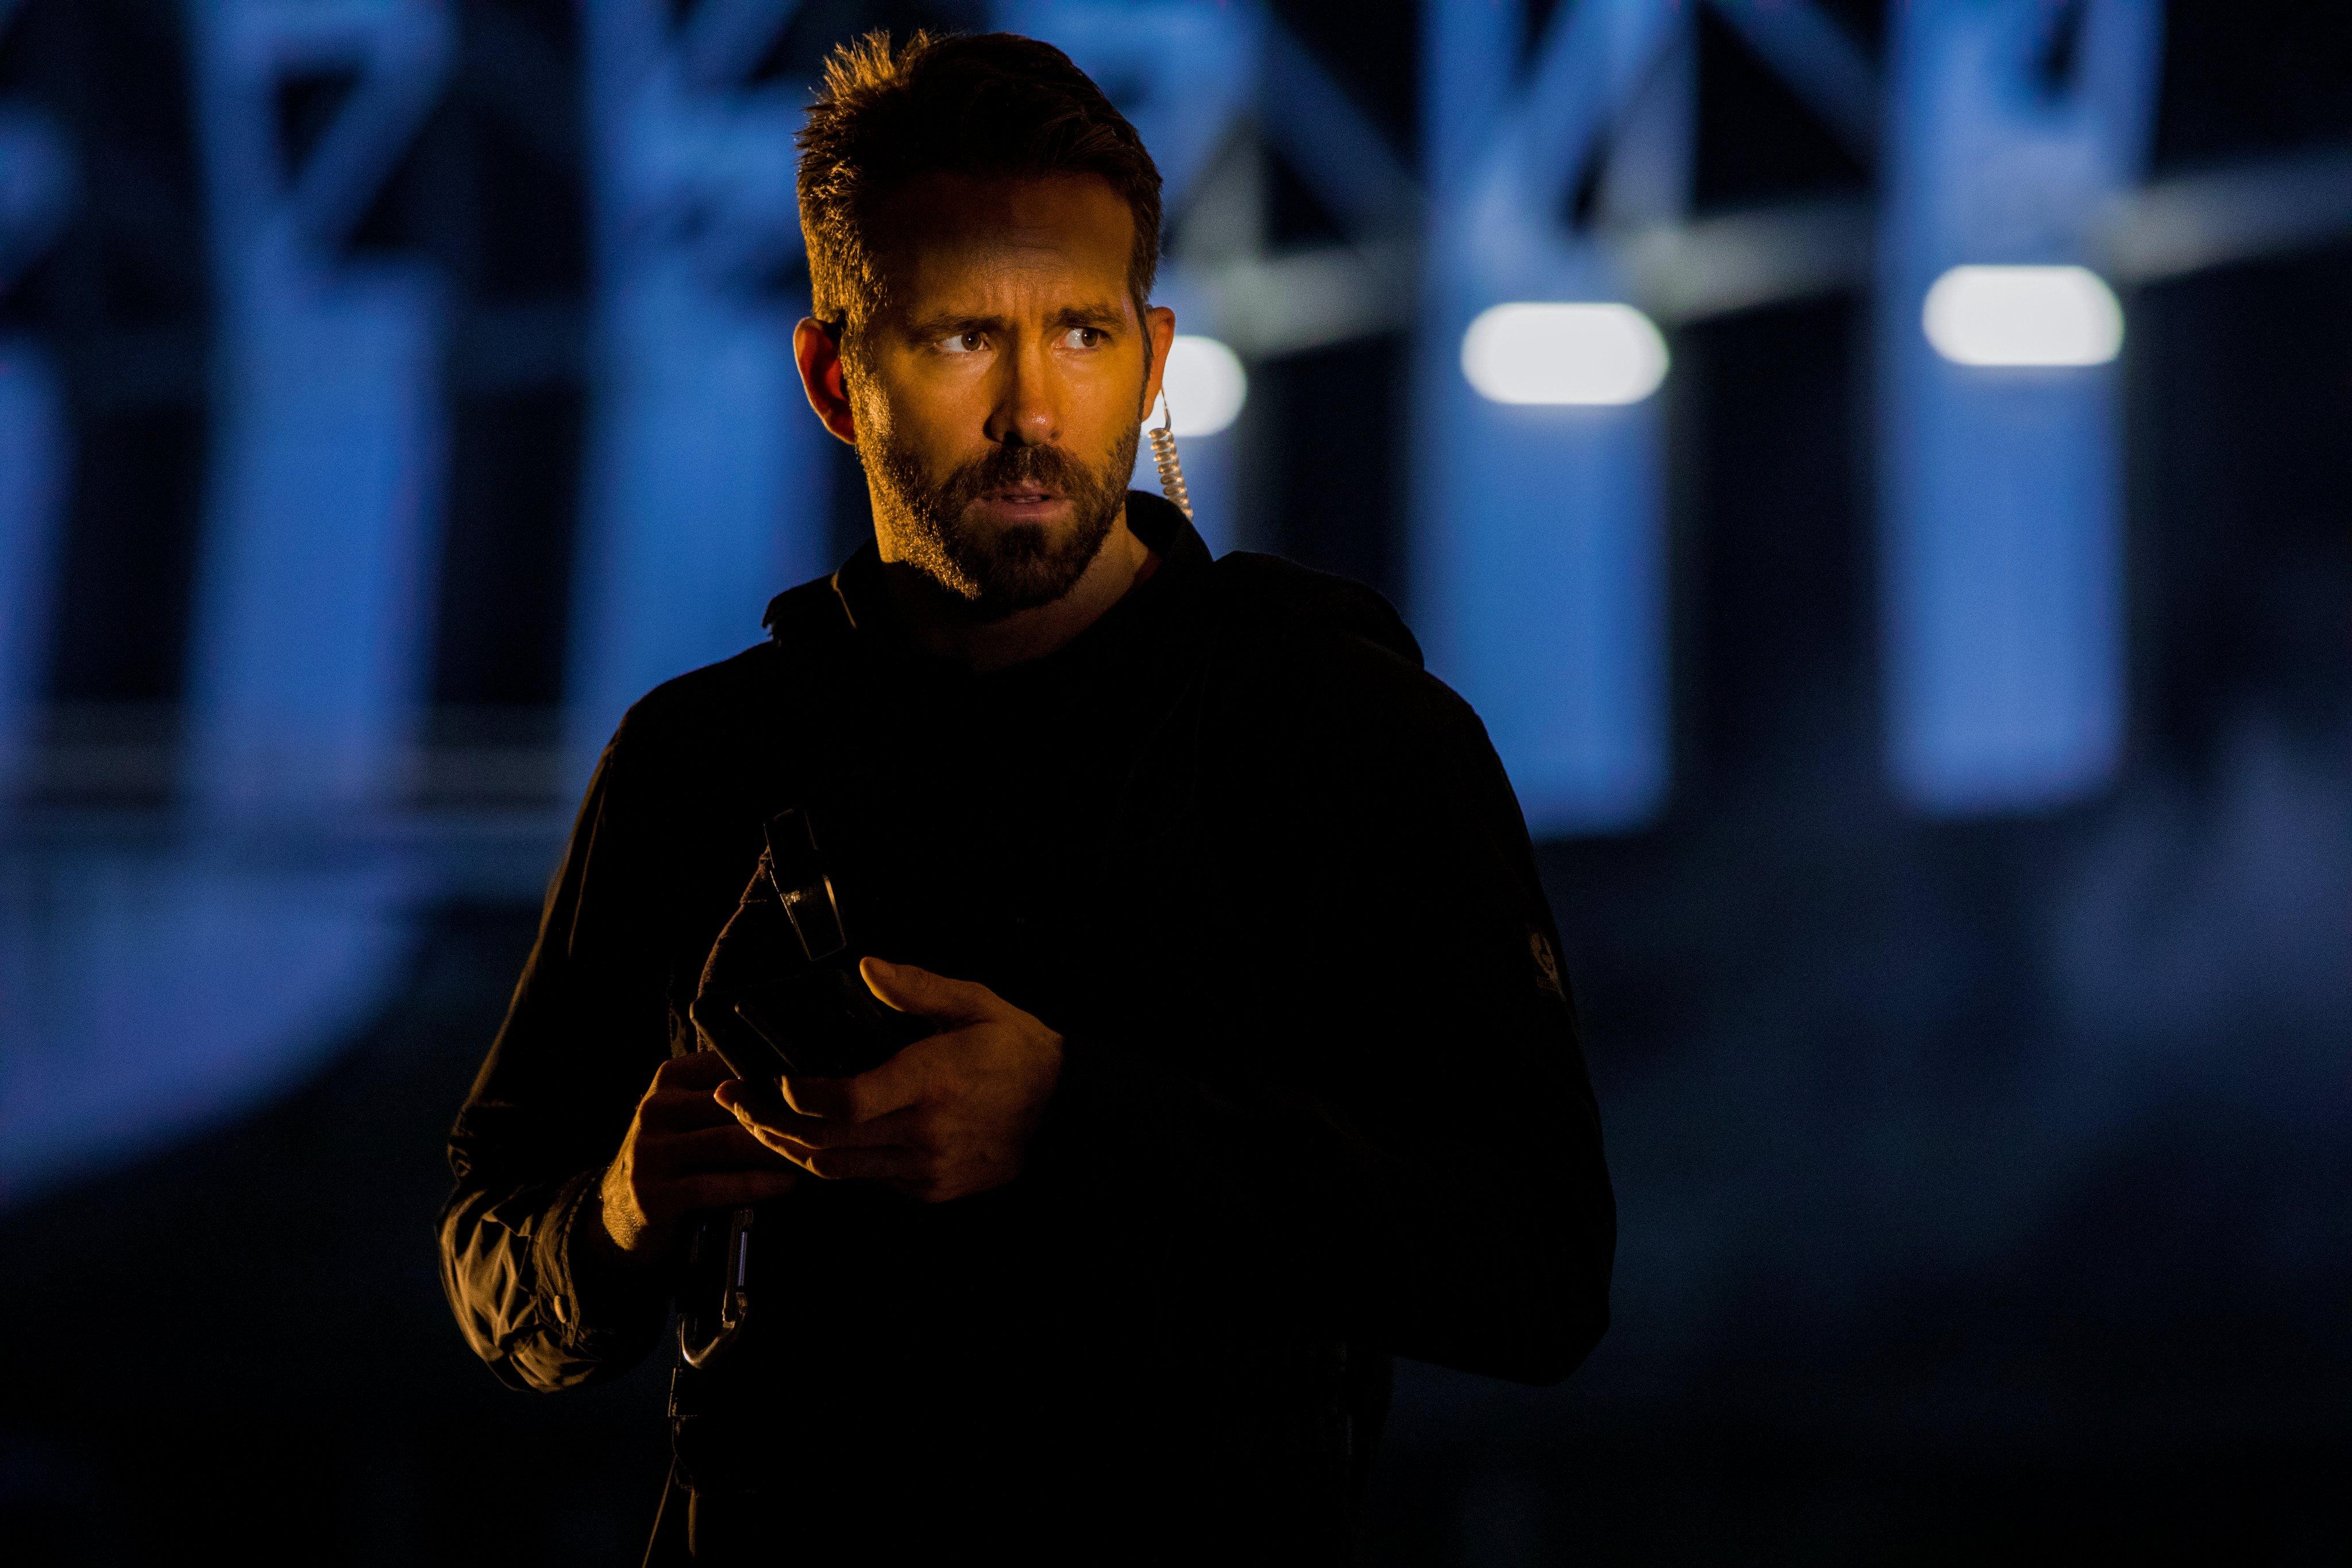 ryan reynolds 6 underground movie 1575659853 - Ryan Reynolds 6 Underground Movie -